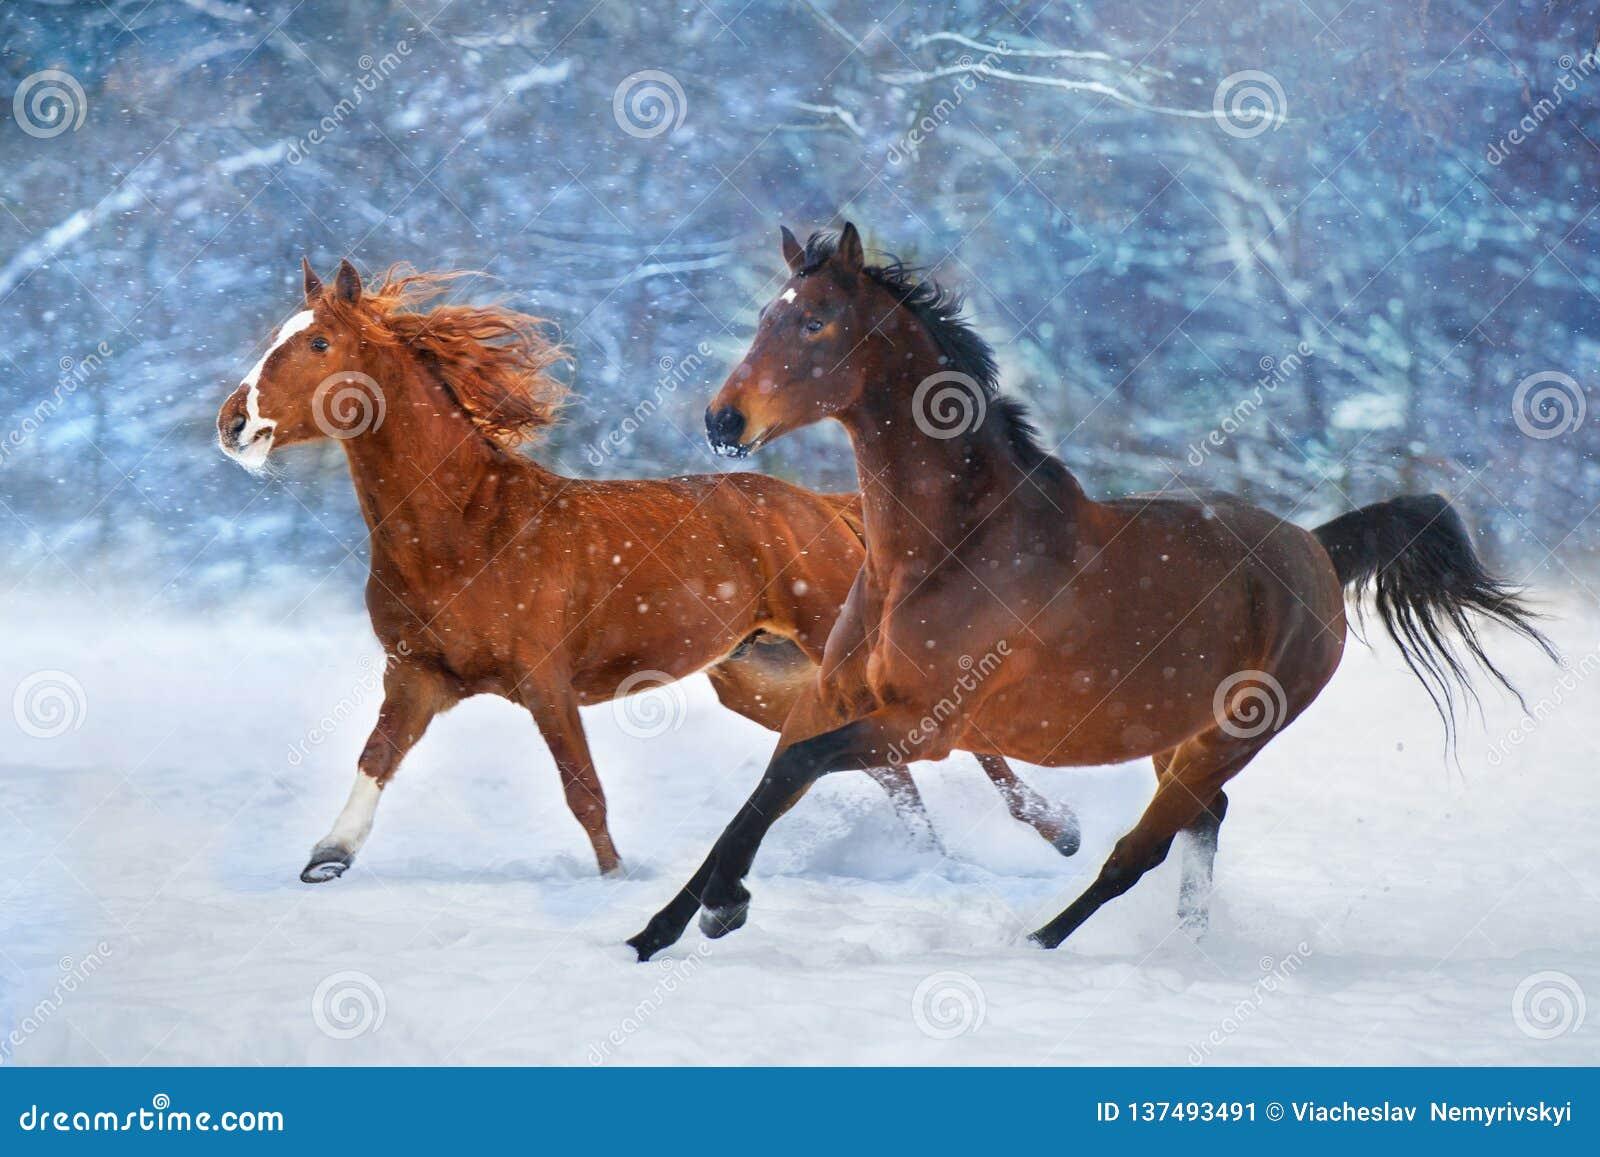 Лошади, который побежали в снеге